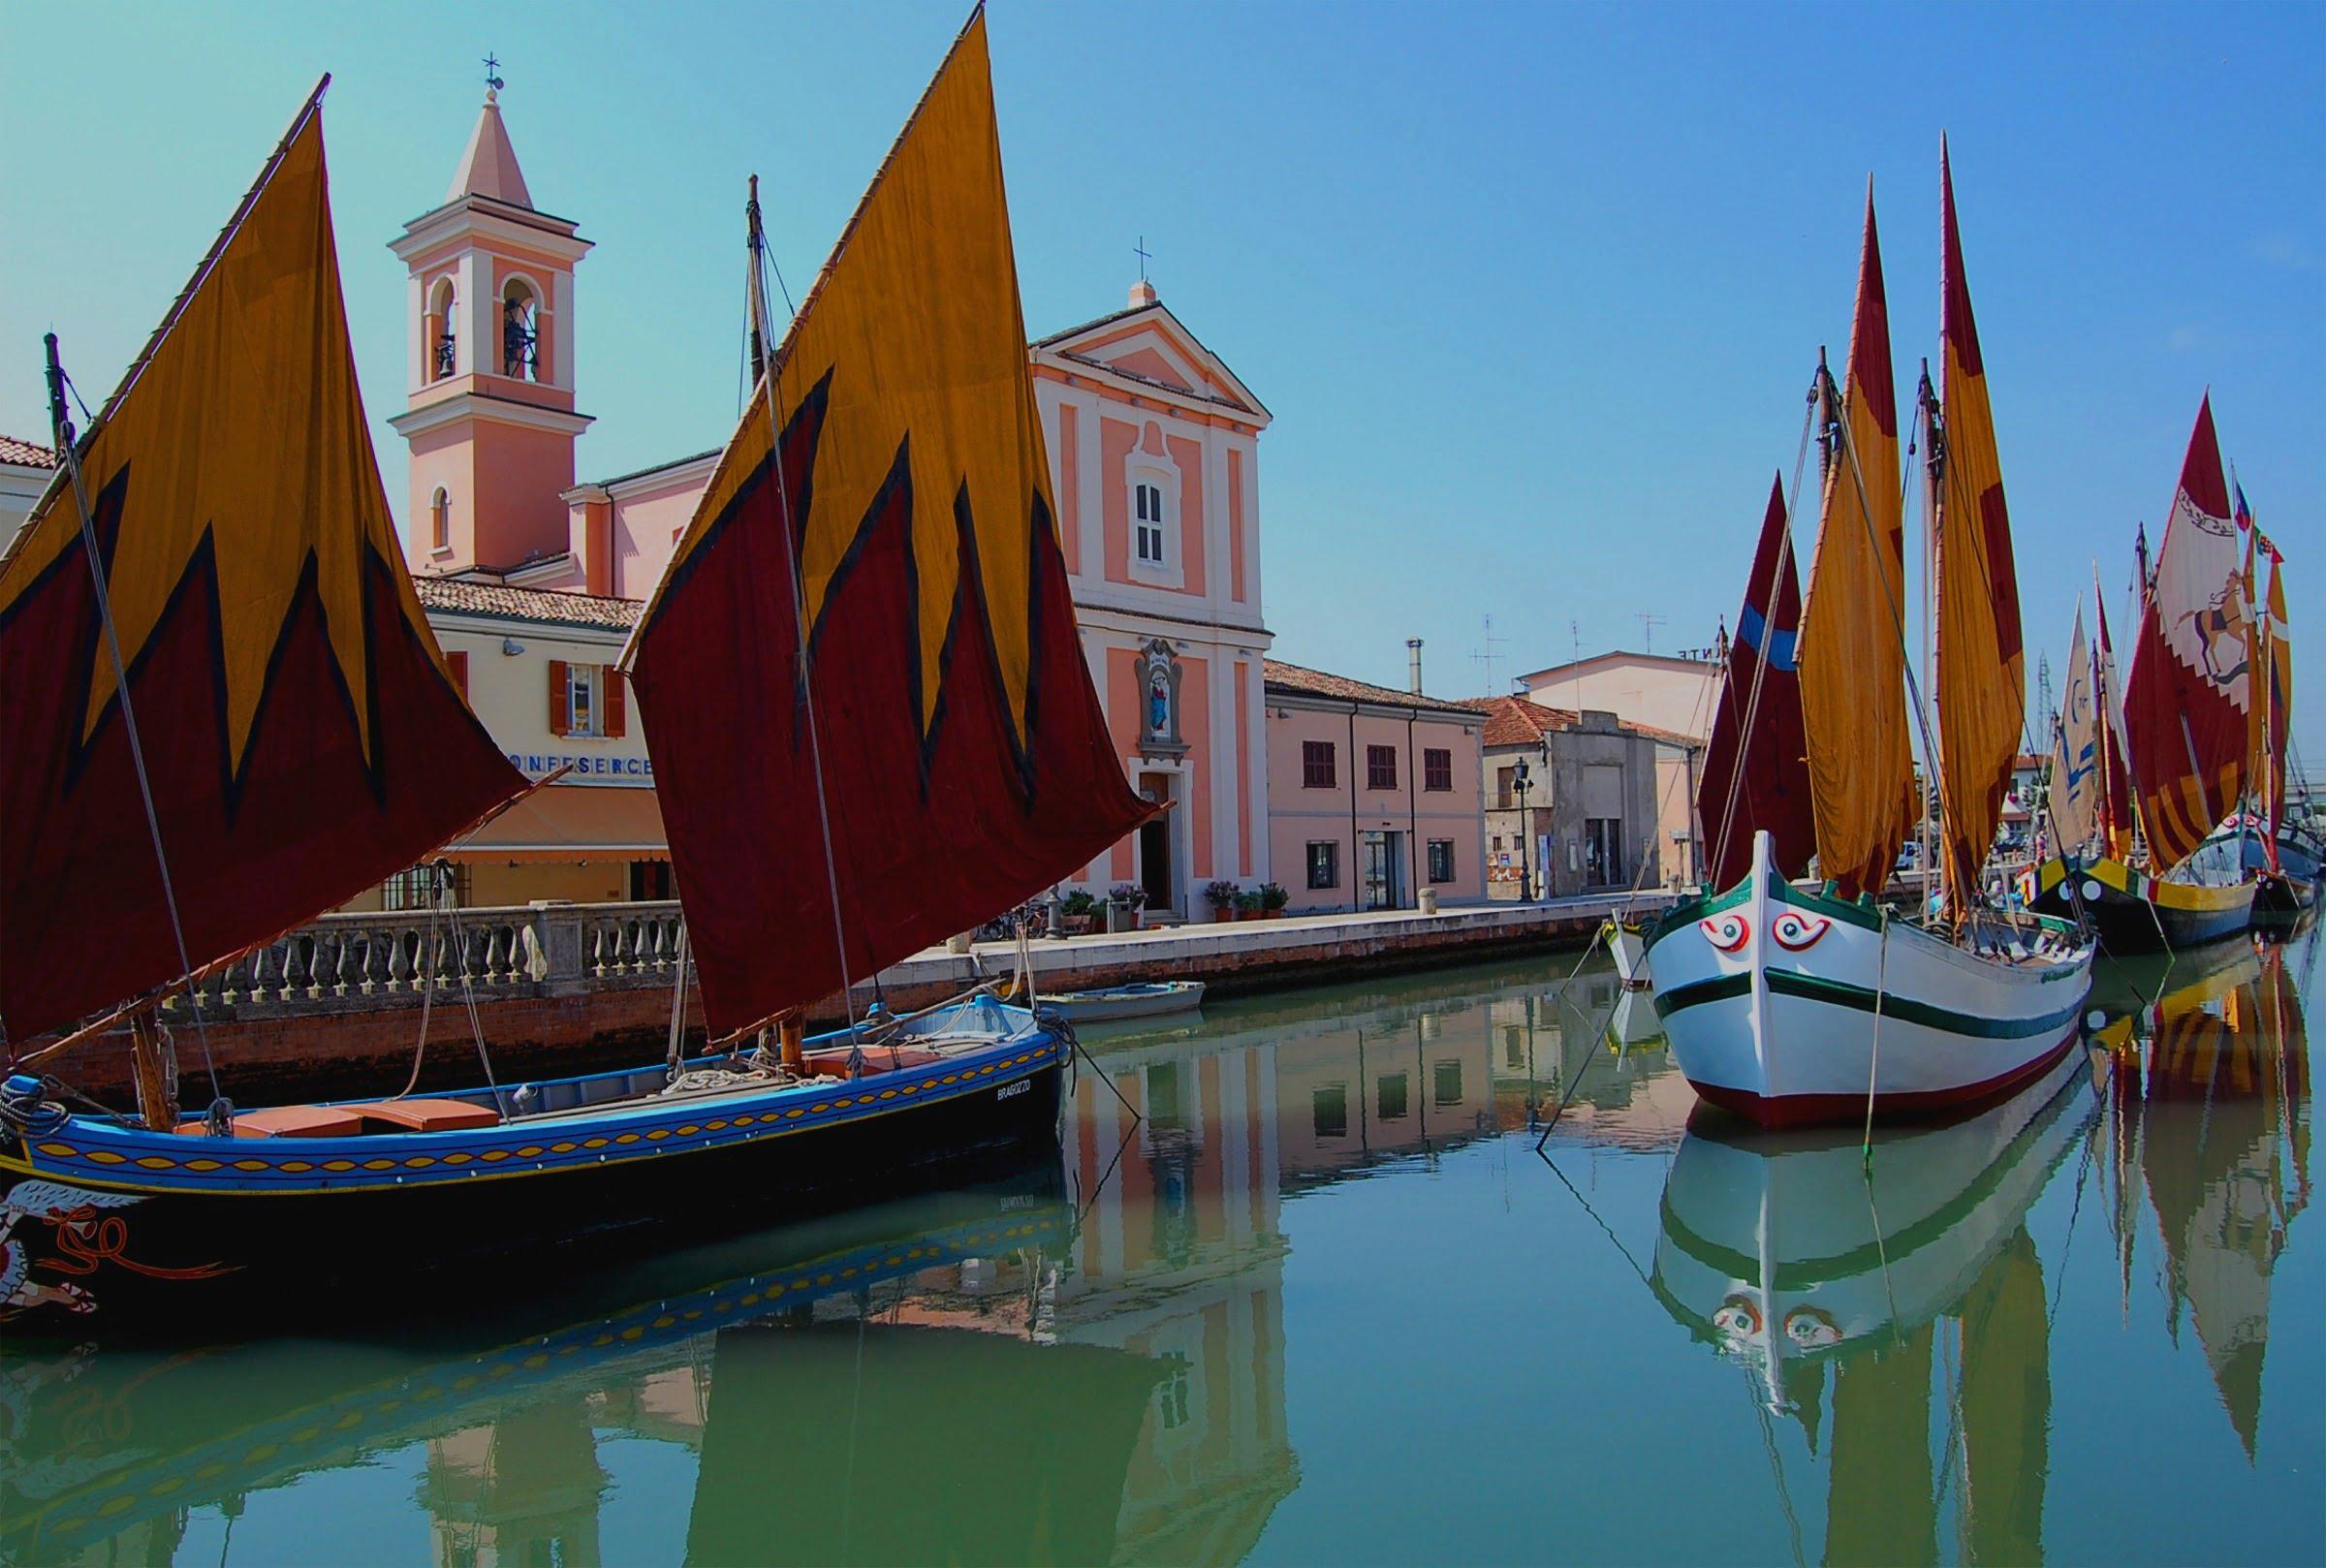 Le 5 migliori attrazione turistiche di Cesenatico | Izzyweb.it